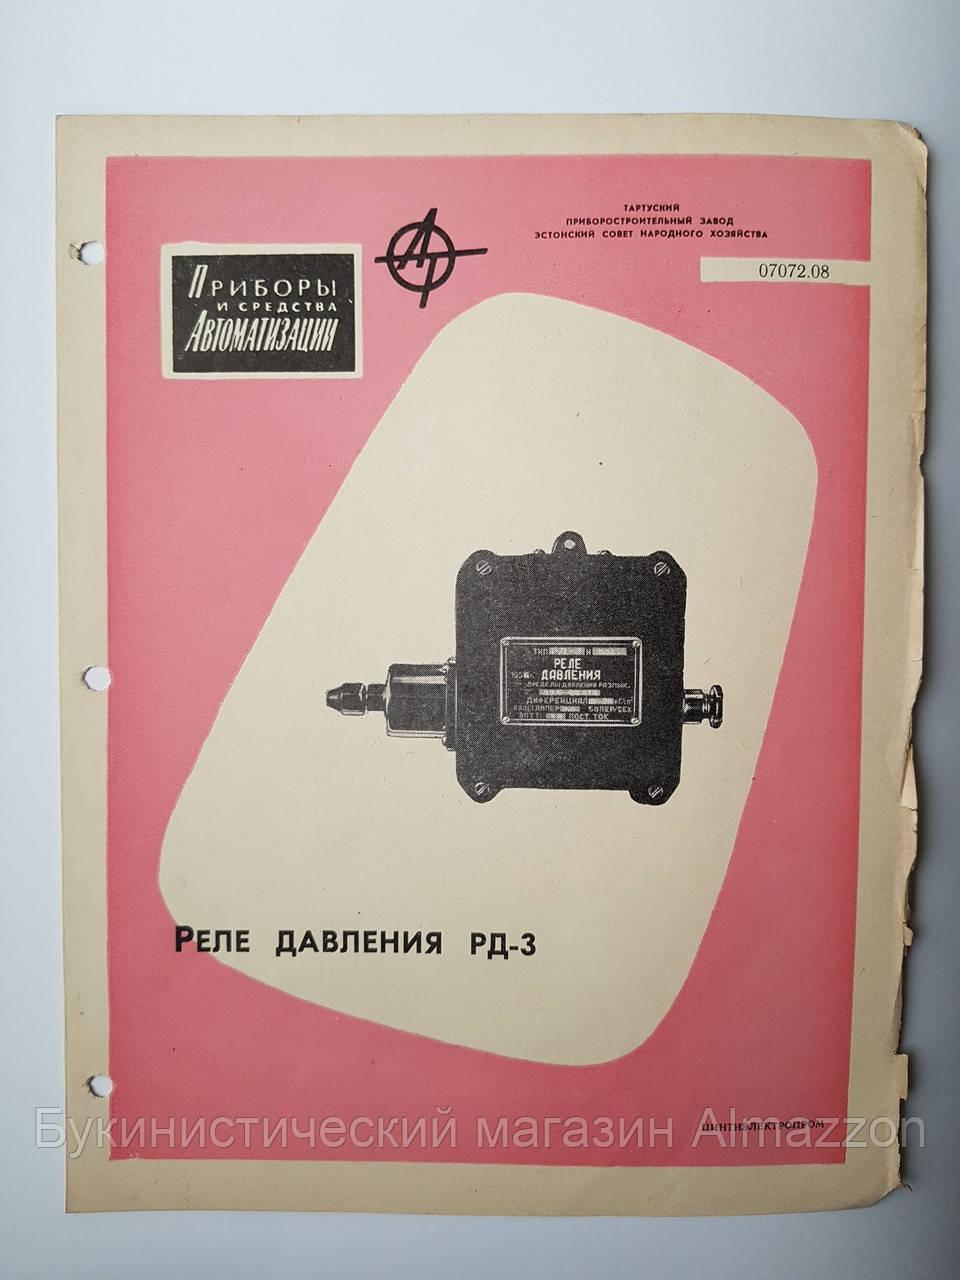 """Журнал (Бюллетень) """"Реле давления РД-3 07072.08"""" 1963 г."""